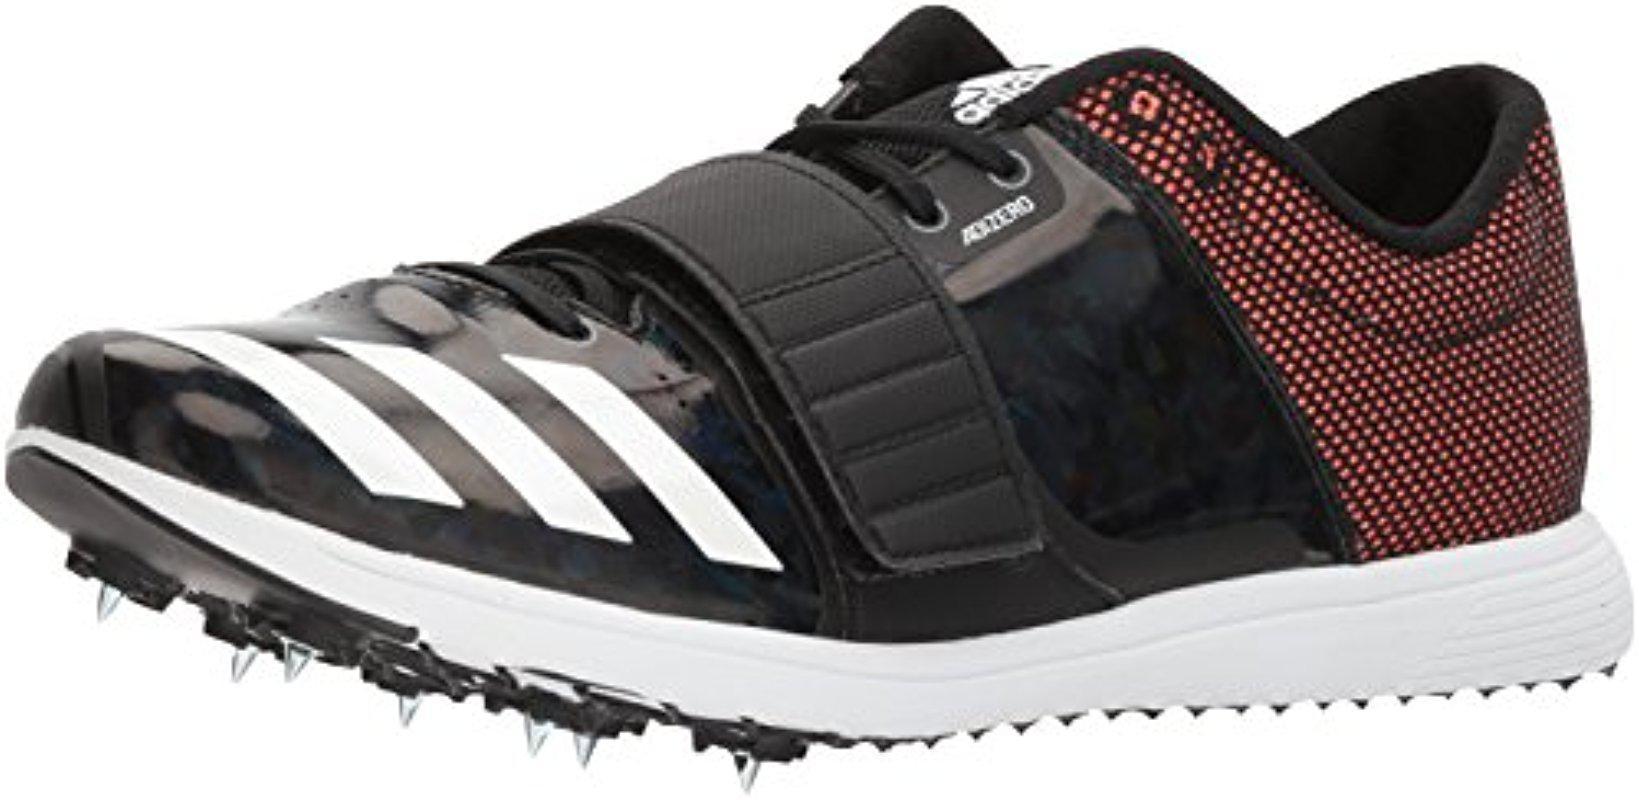 Lyst adidas adizero TJ / PV zapatilla de corriendo con picos en negro